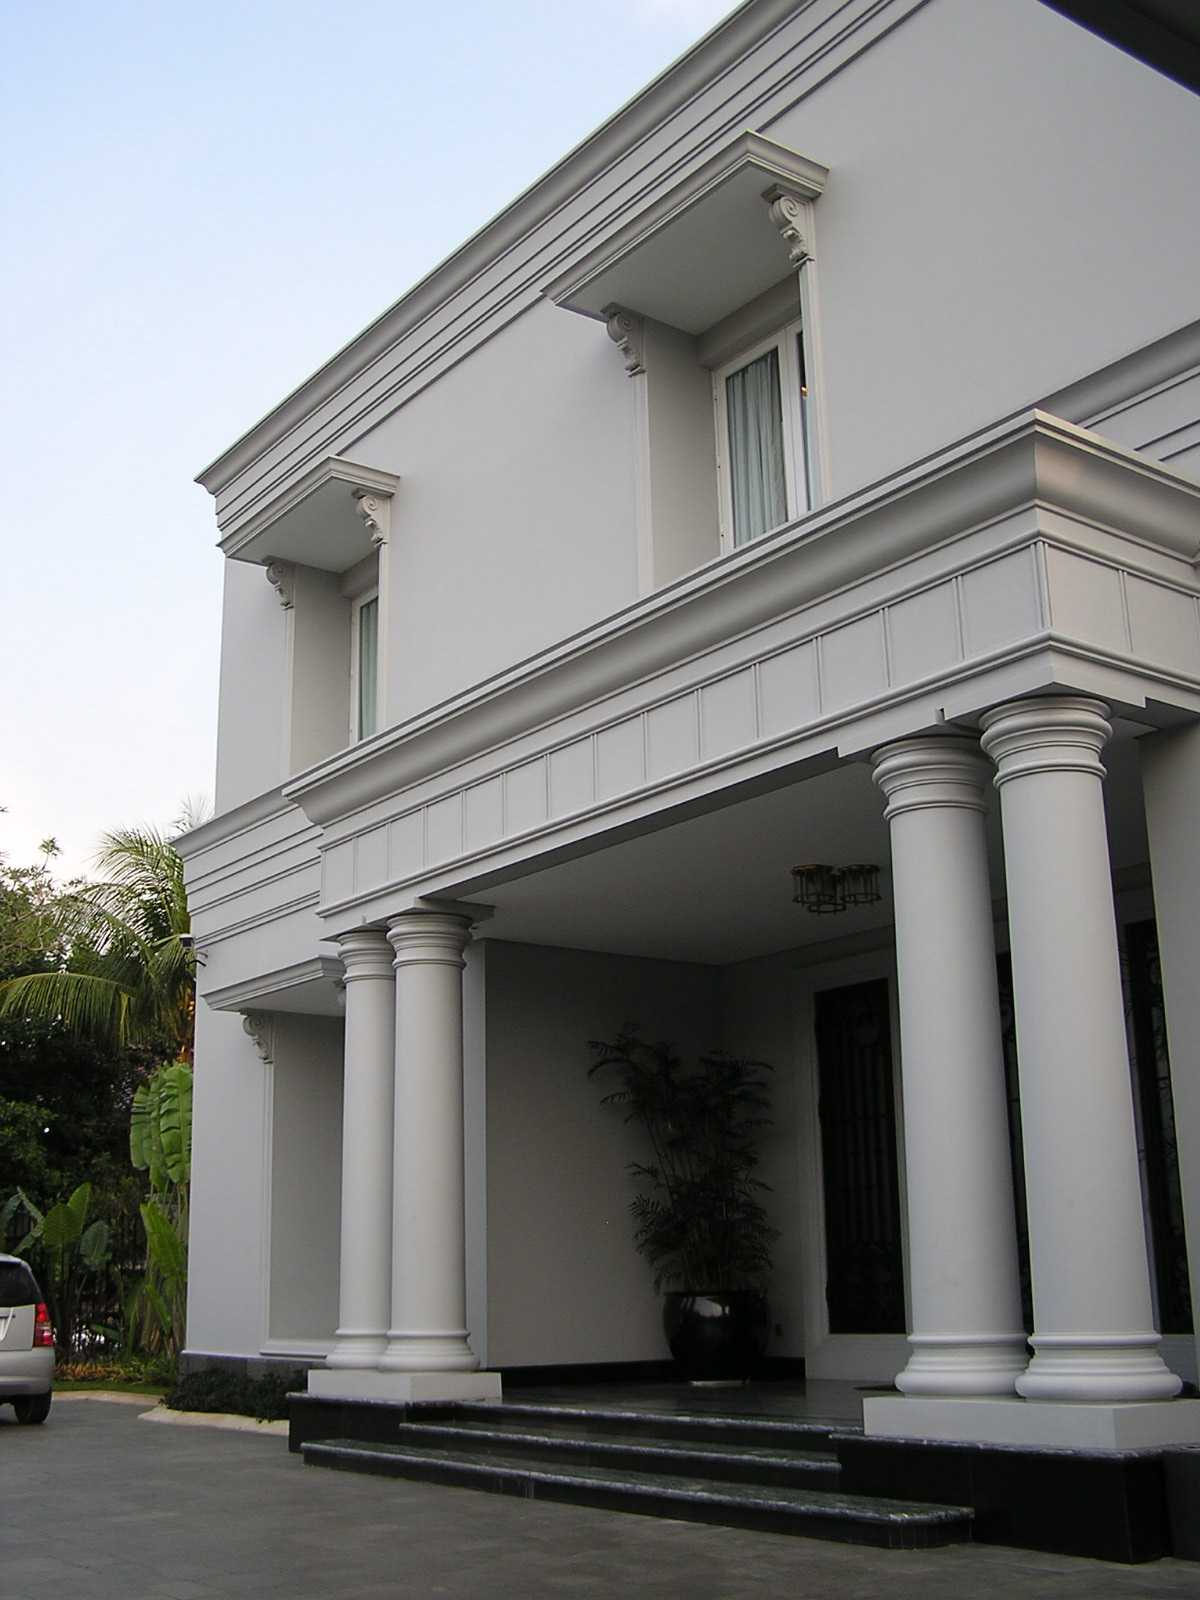 Pt. Garisprada Pondok Indah Residence Pondok Pinang, Kebayoran Lama, South Jakarta City, Jakarta, Indonesia Pondok Indah Front Area Modern  21876